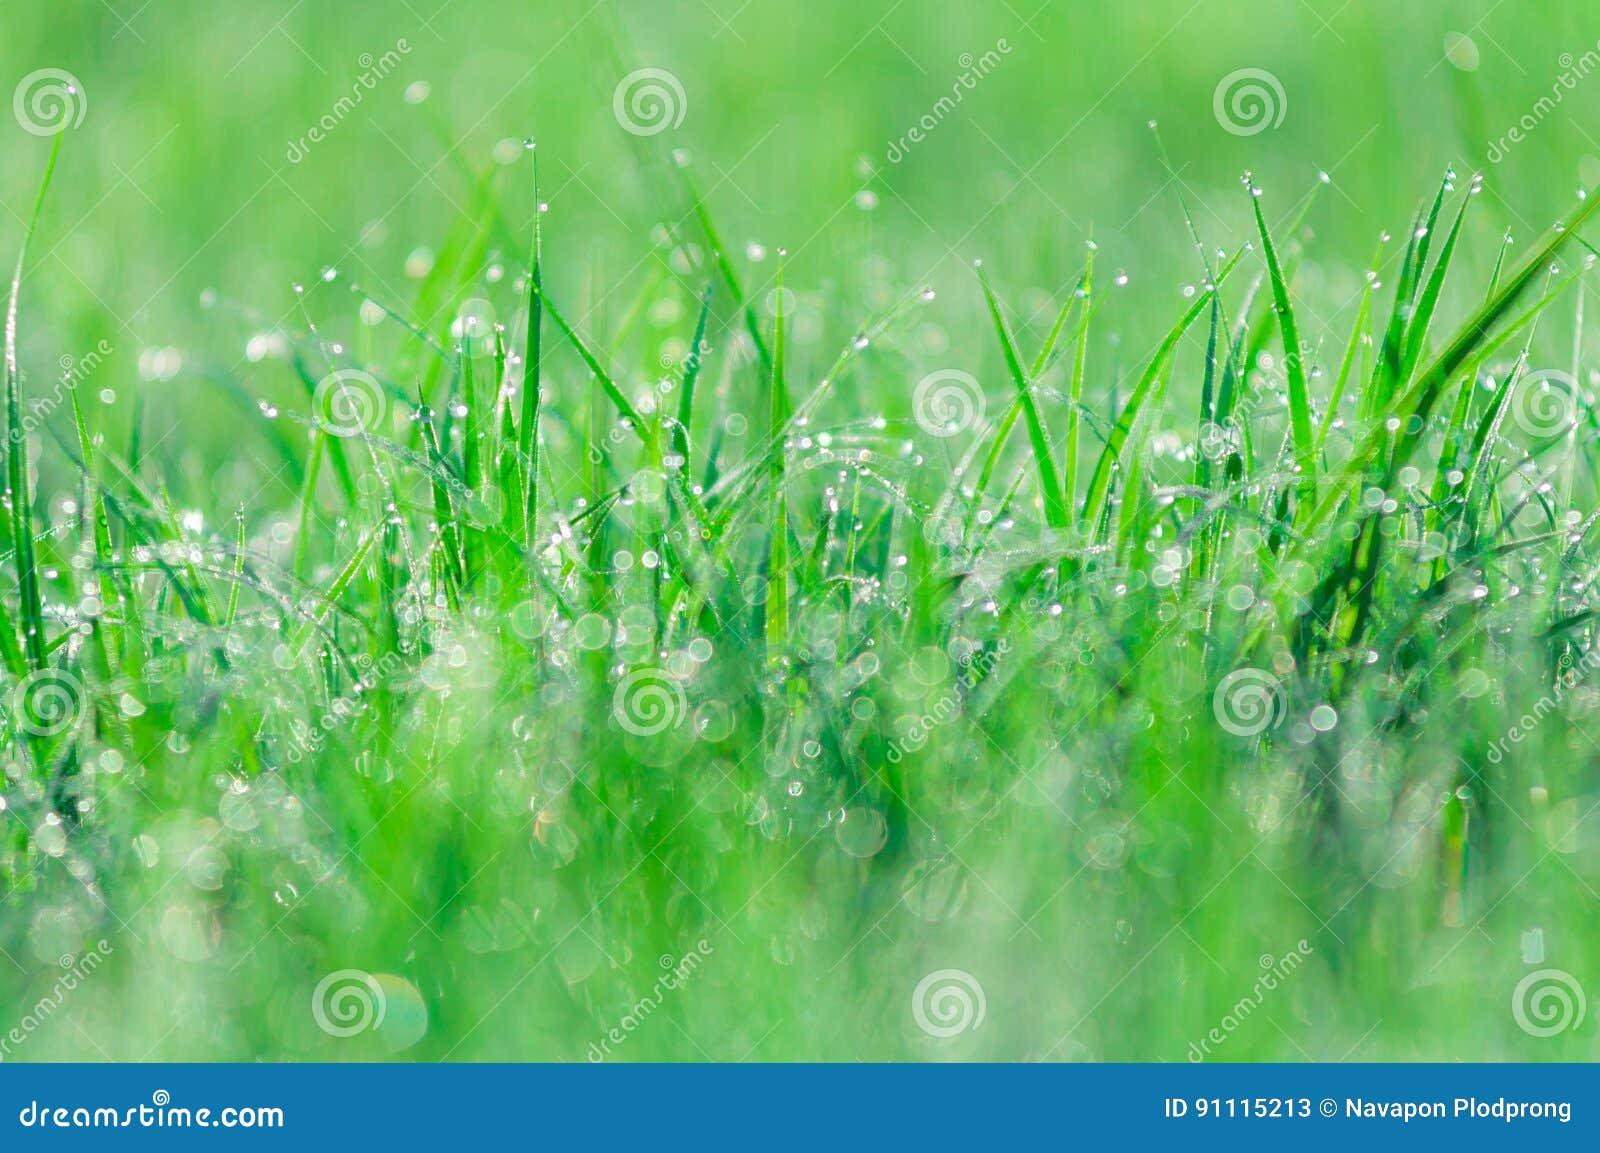 Sfondo Naturale Verde Astratto Erba Fresca Della Molla Con Le Gocce